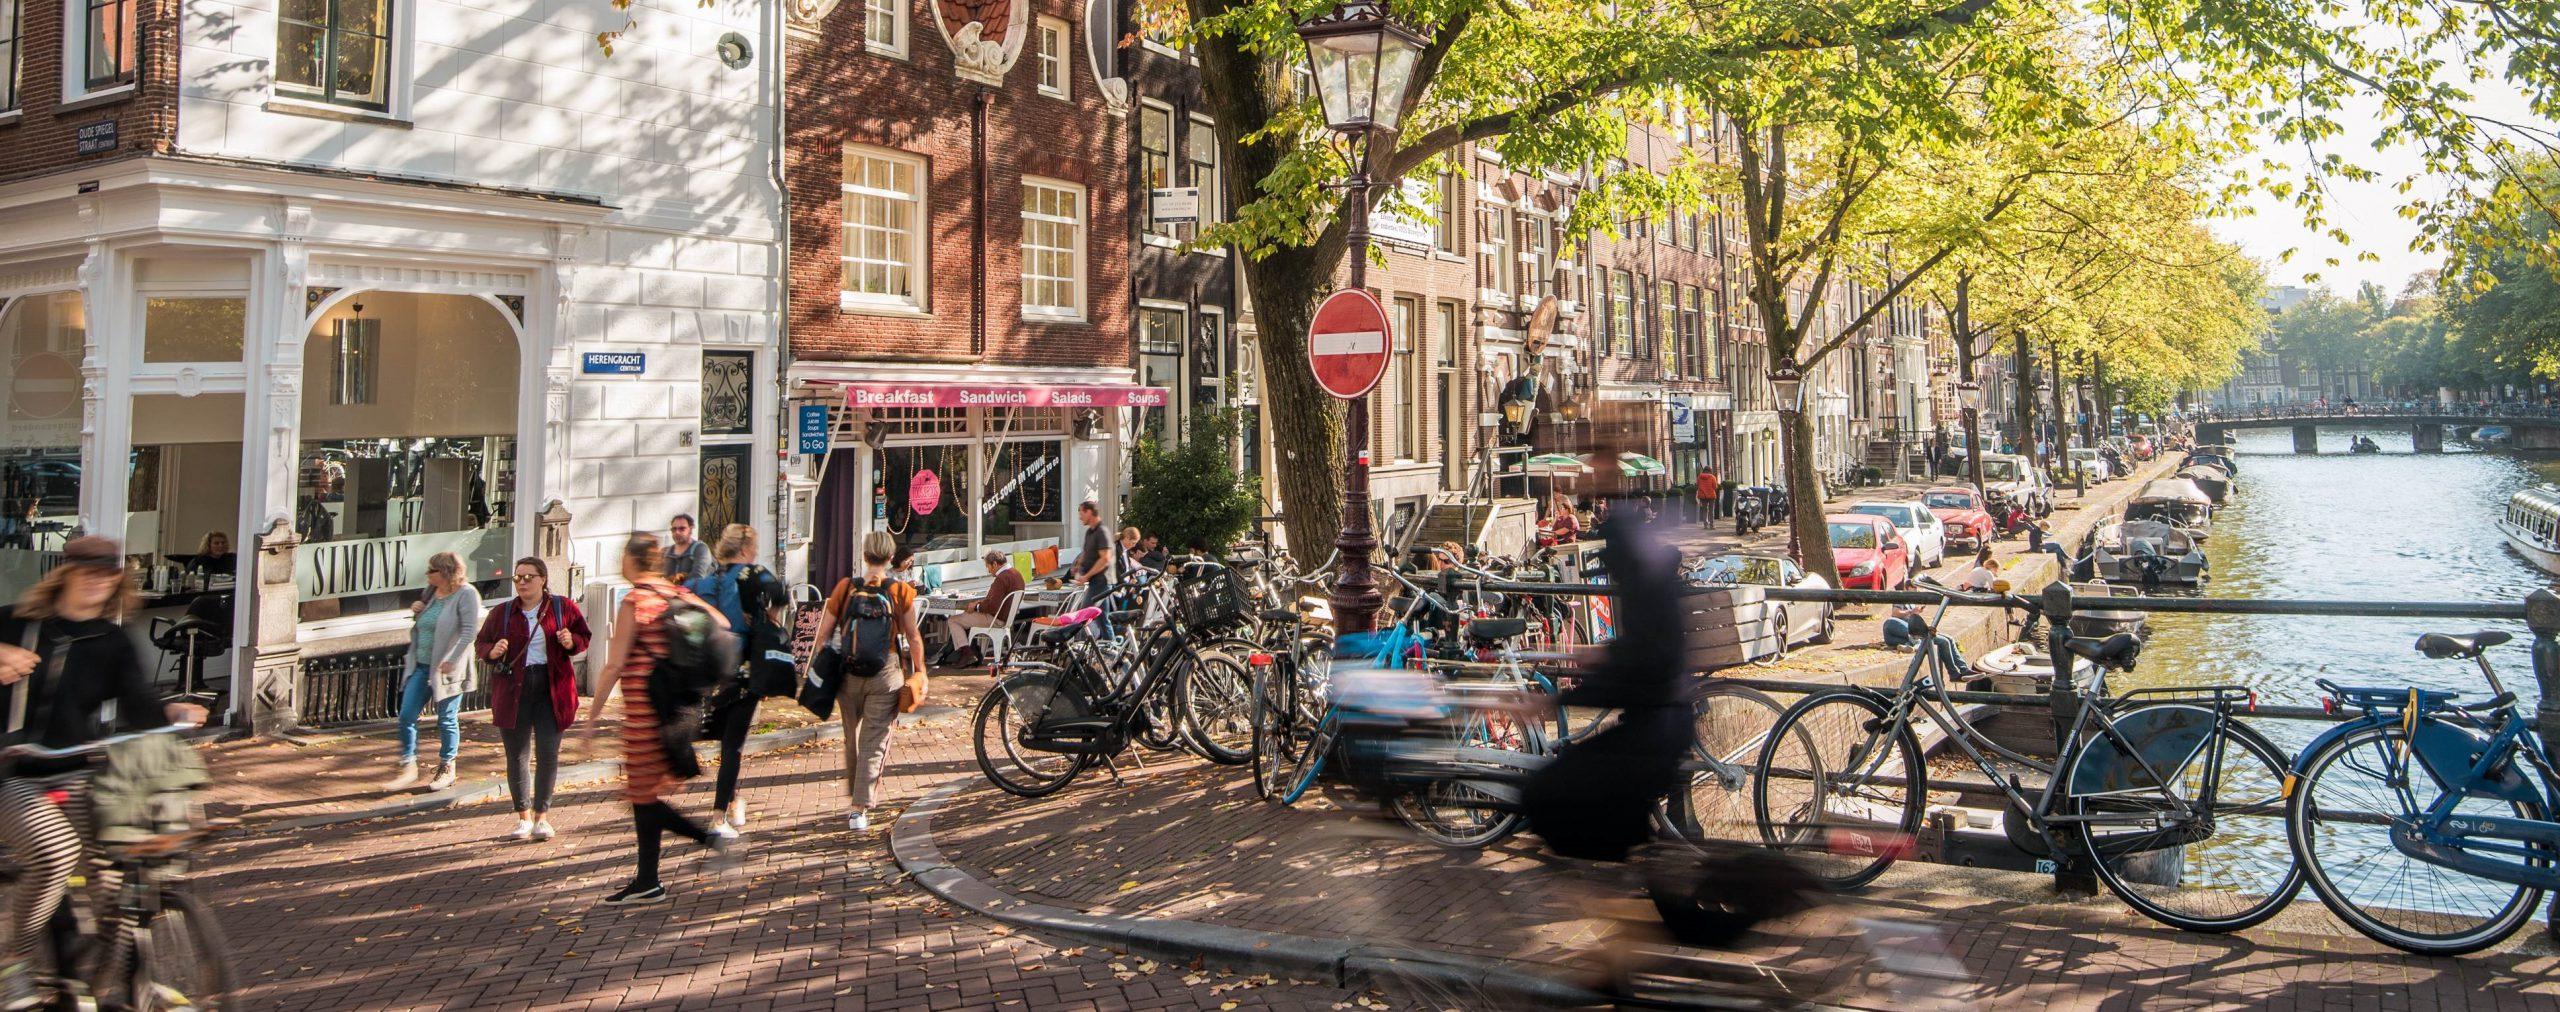 Wielrennen Amsterdam